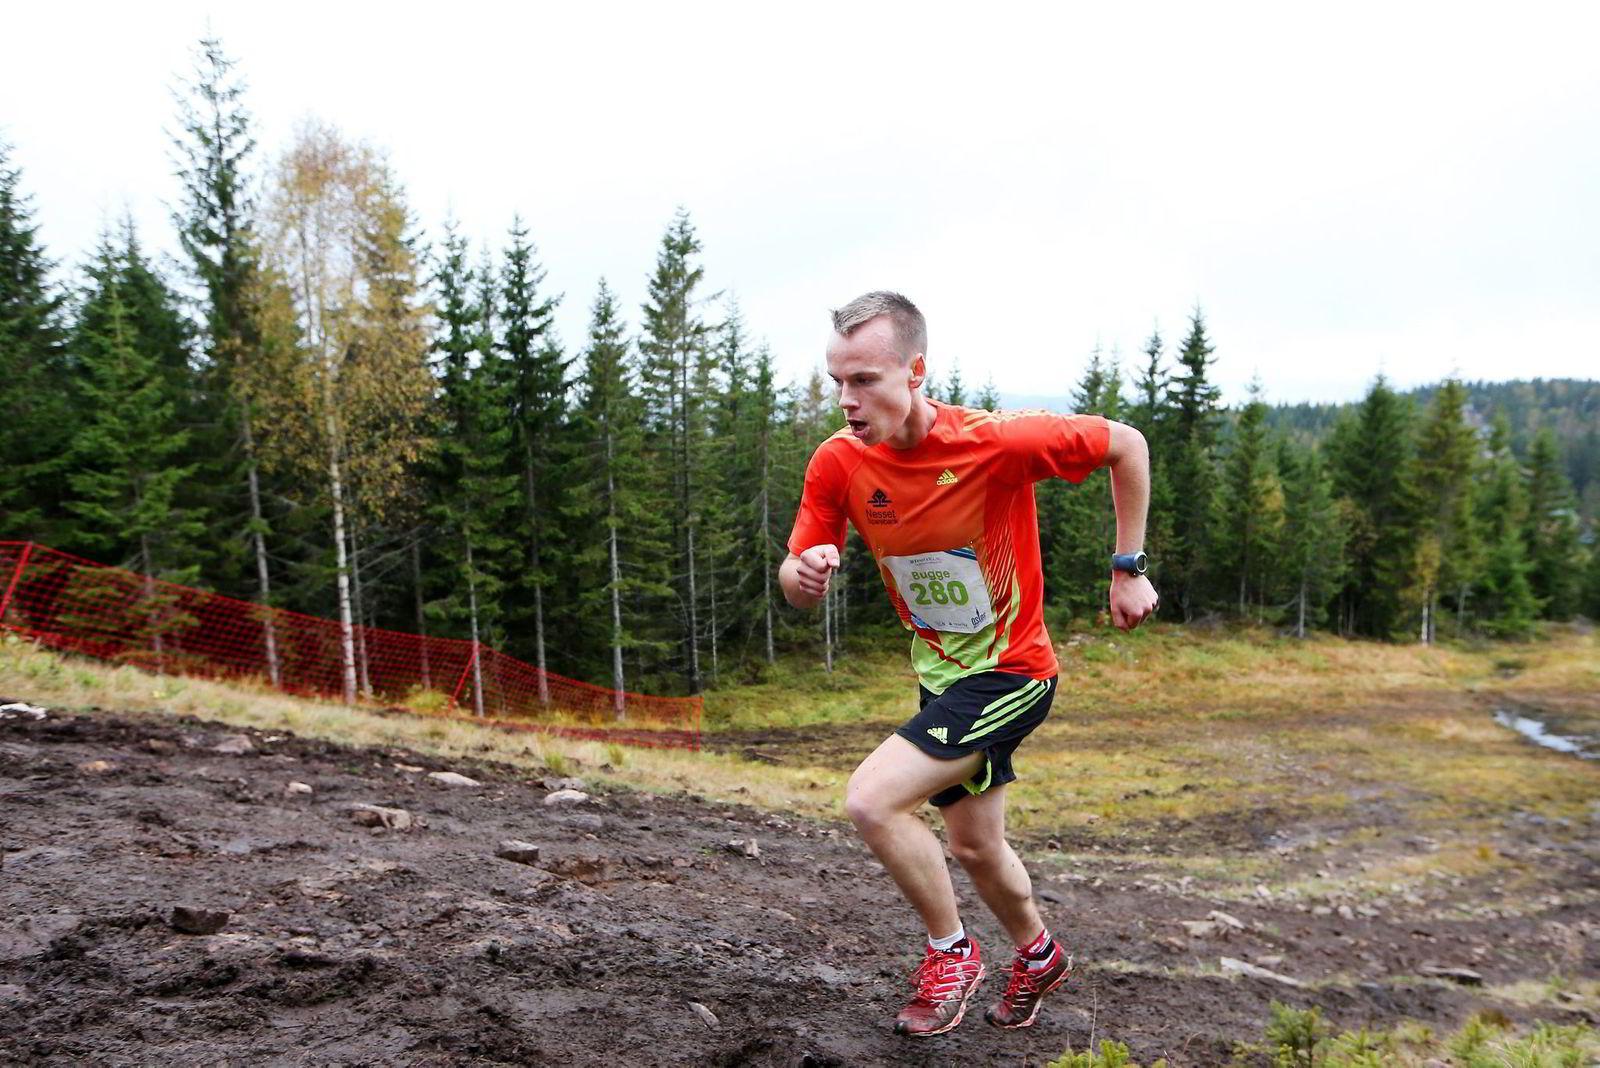 ARMER OG BEIN. – Bruk armene aktivt når du løper i motbakke, råder Johan Bugge, en av Norges beste motbakkeløpere. Her er han underveis i Oslos Bratteste. Foto: